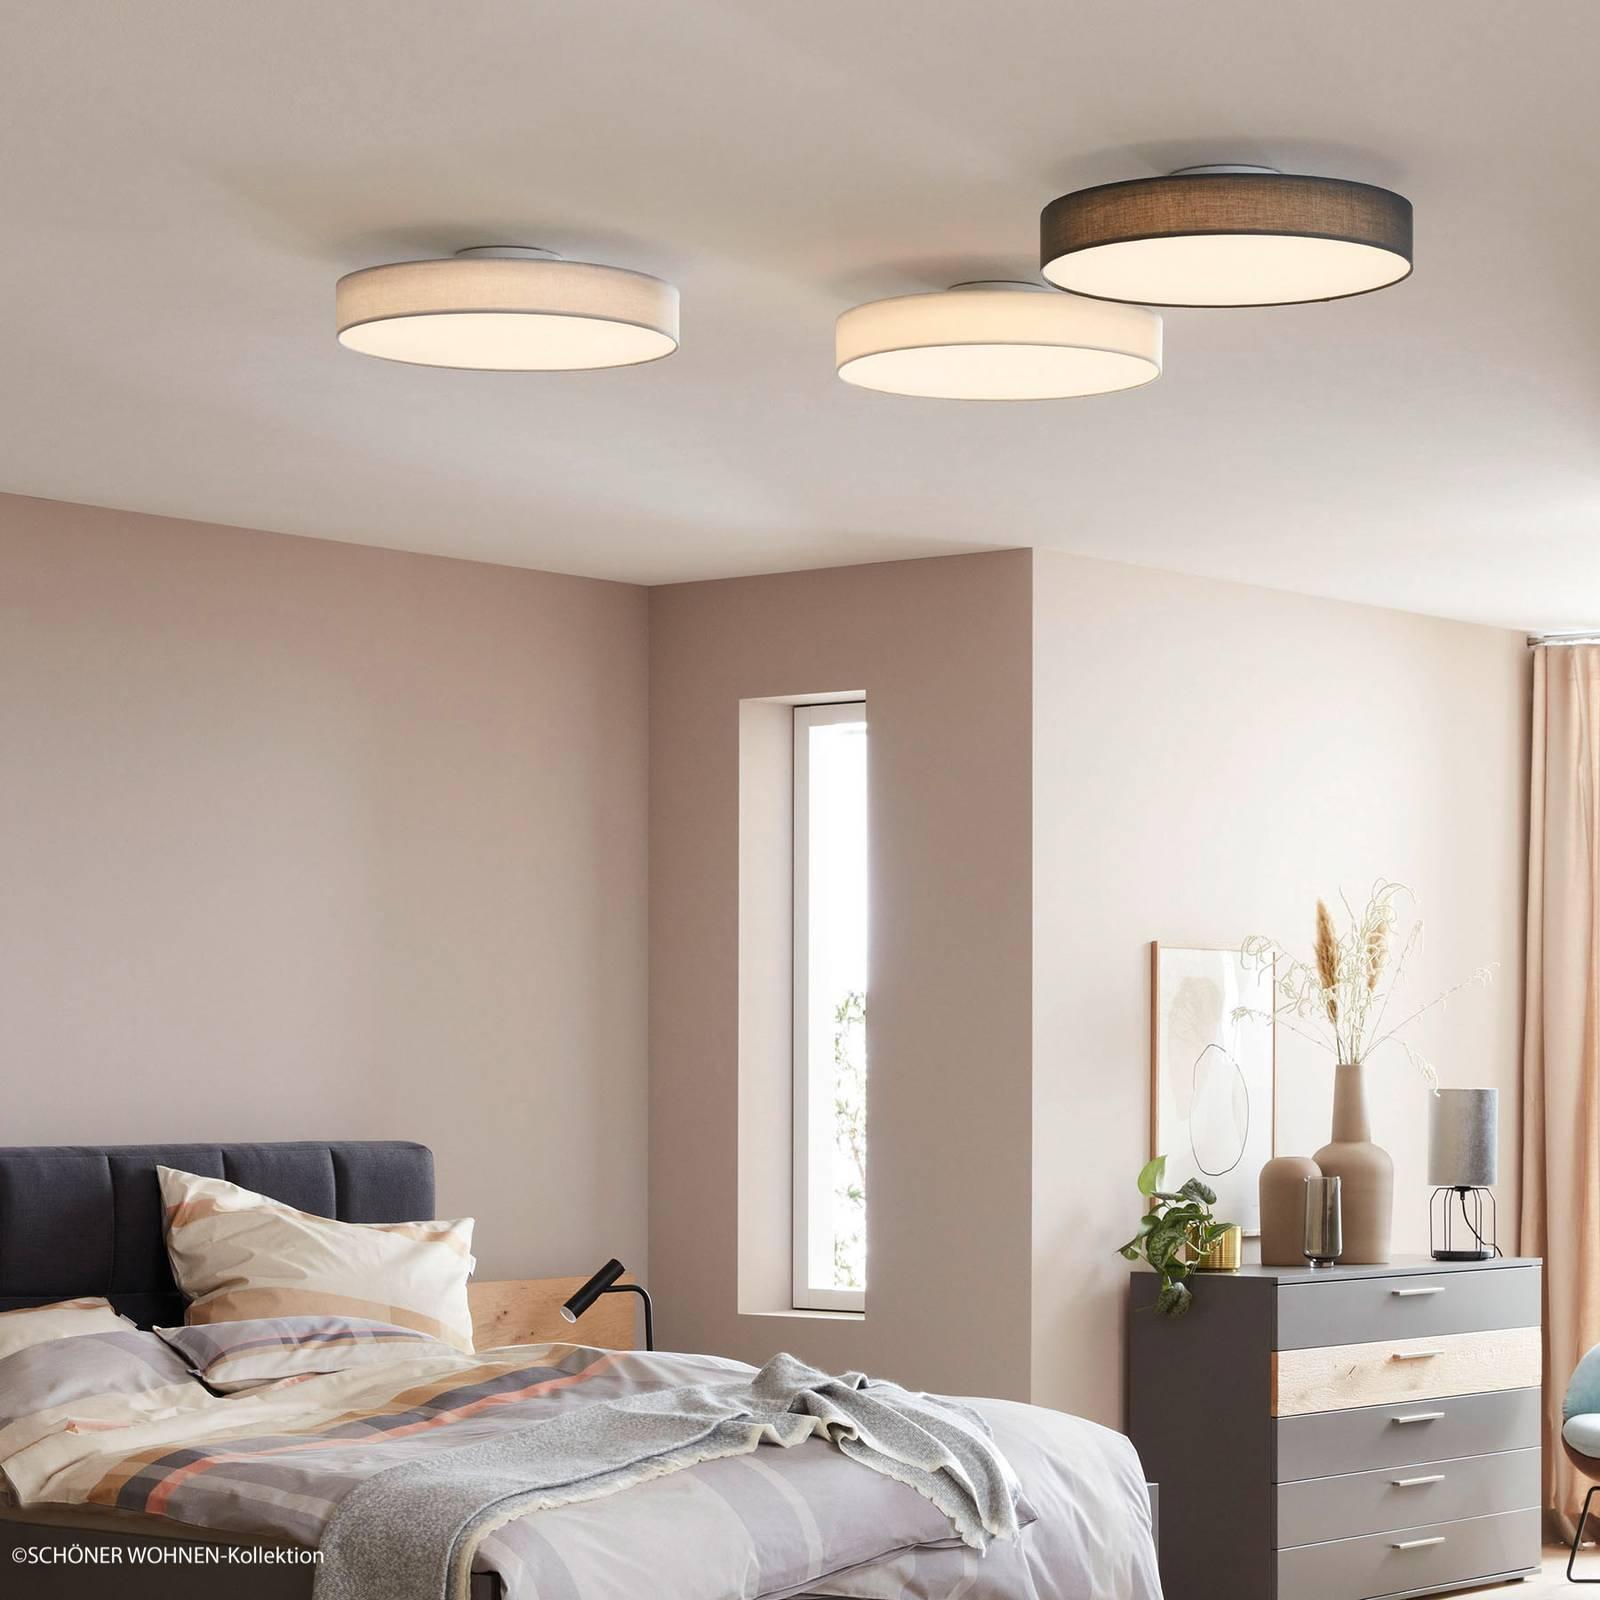 Schöner Wohnen Pina -LED-kattovalaisin, harmaa